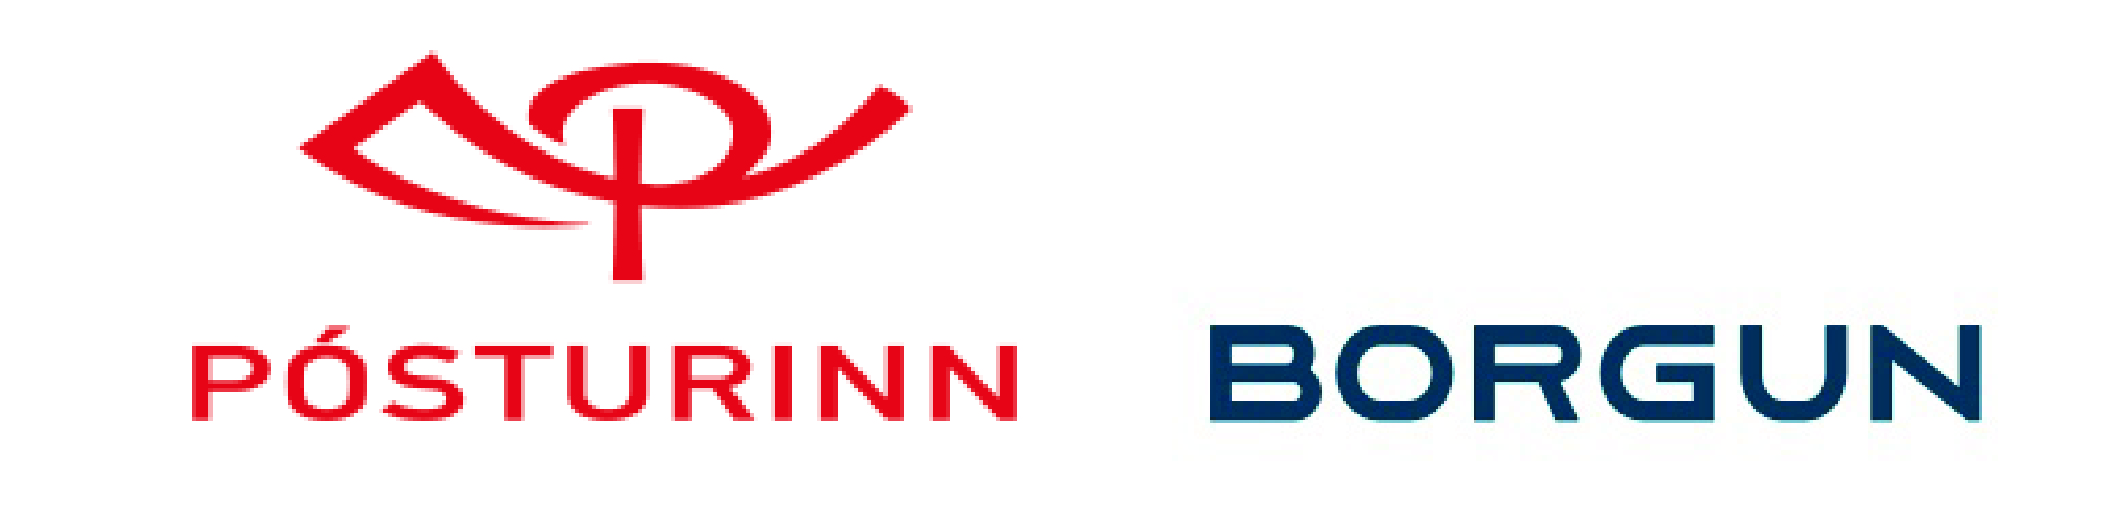 borgun logo-01.jpg